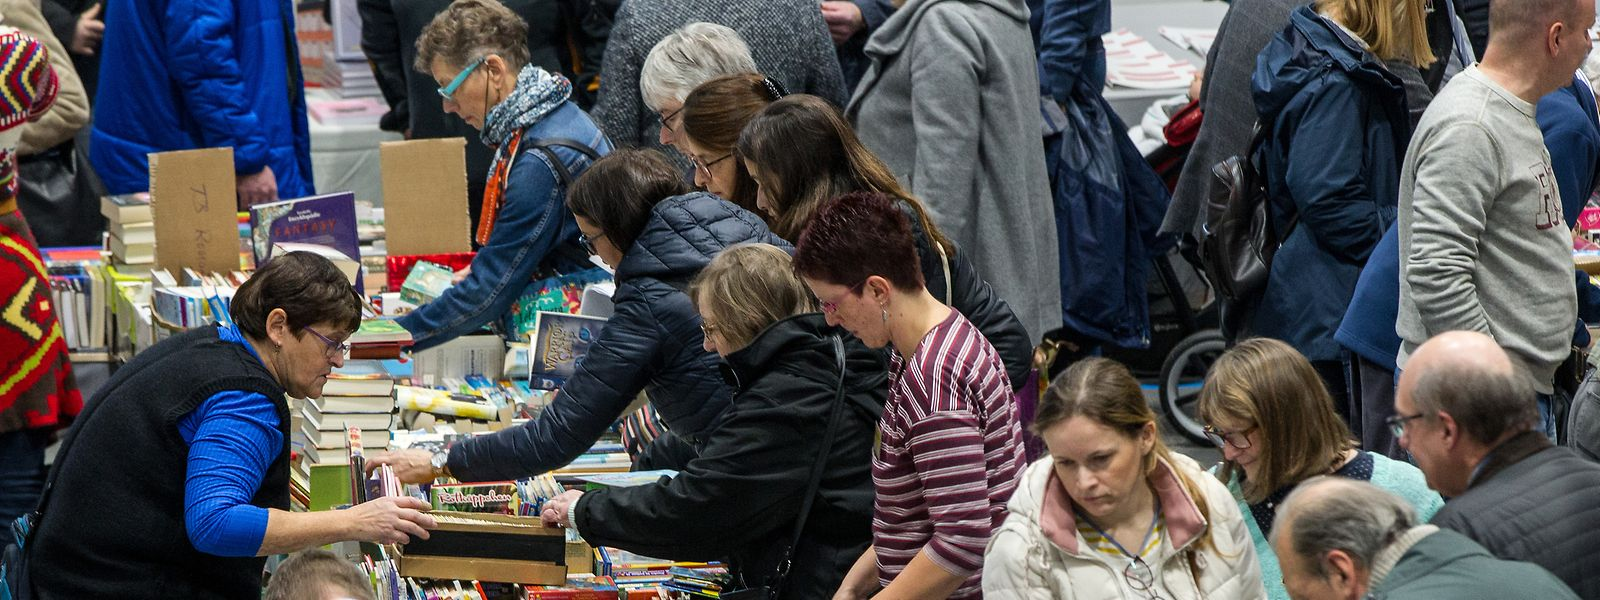 Fast ein Kilometer Ausstellungstische, auf denen an diesem Wochenende kleine und große Finger in unzählige Kisten eintauchen, um dann, einen Schritt weiter, an ganz anderen Bücherstapeln wieder hochzukrabbeln.